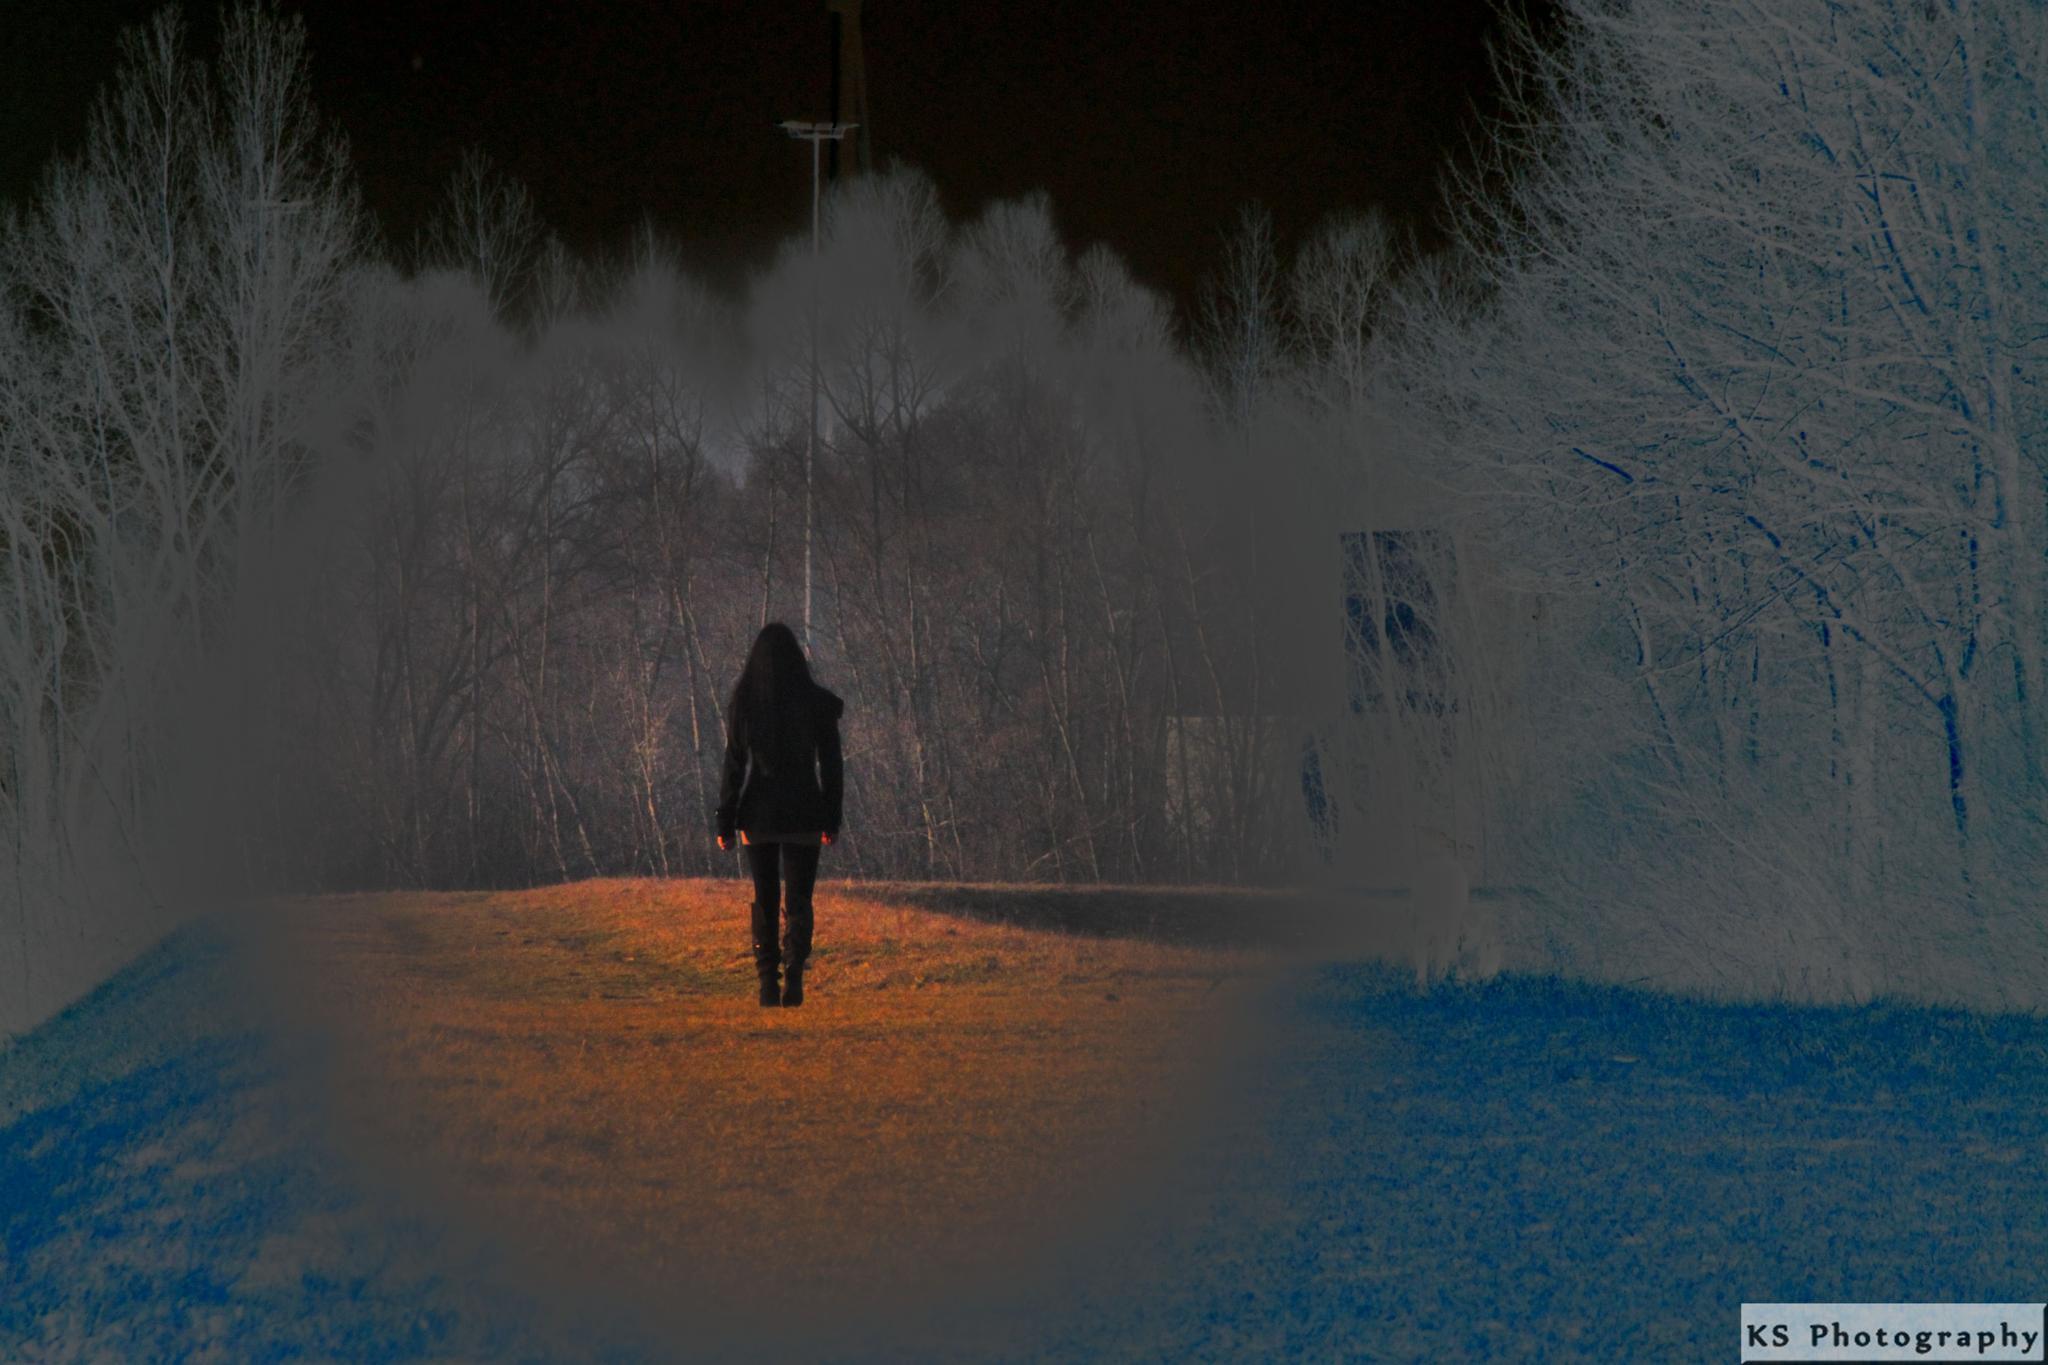 Light by Klaus Schenker